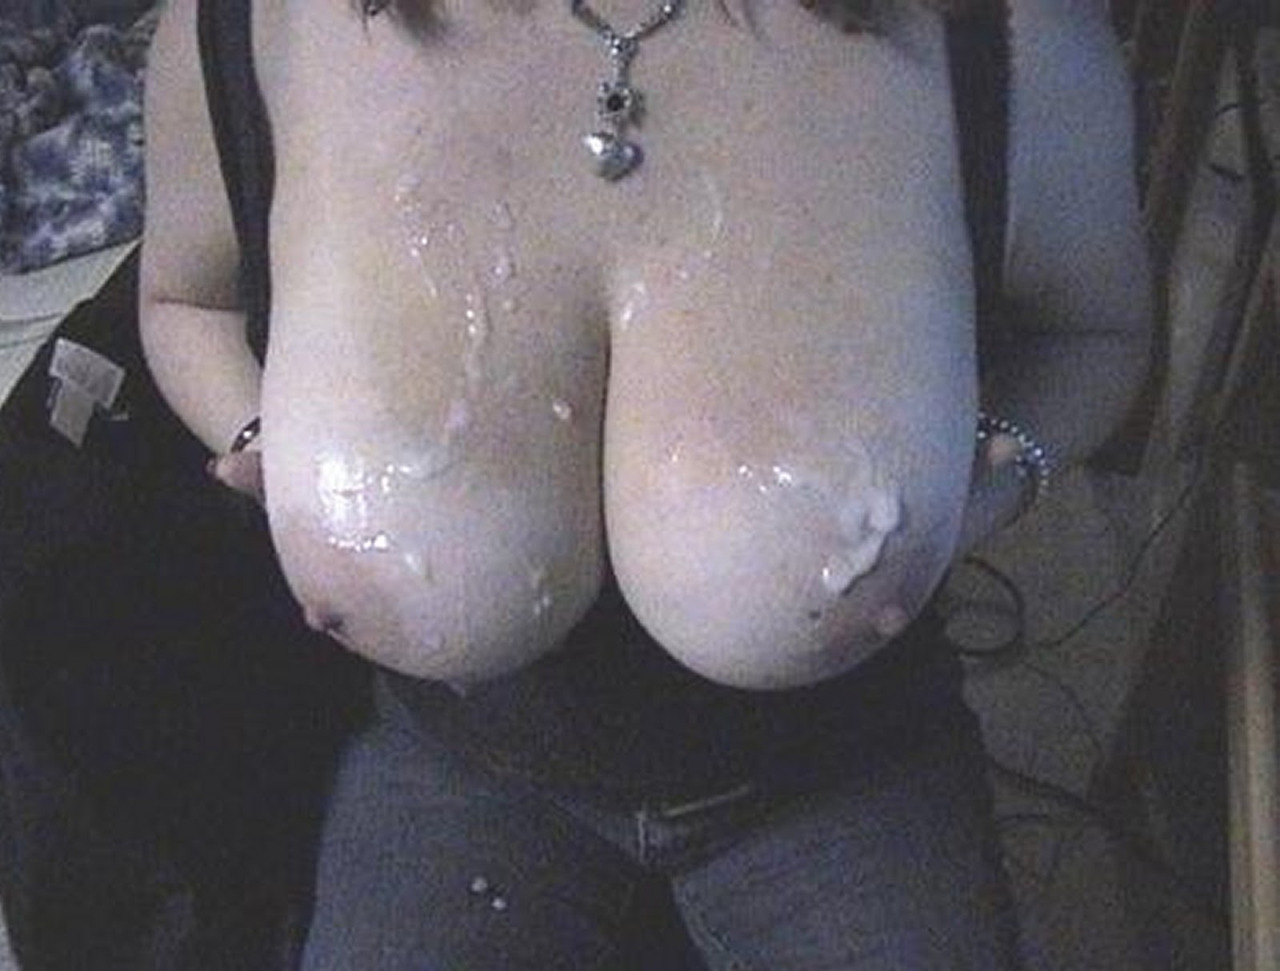 【ぶっかけエロ画像】最後は擦りつけて残り汁までw超爽快の生乳に放出www 14